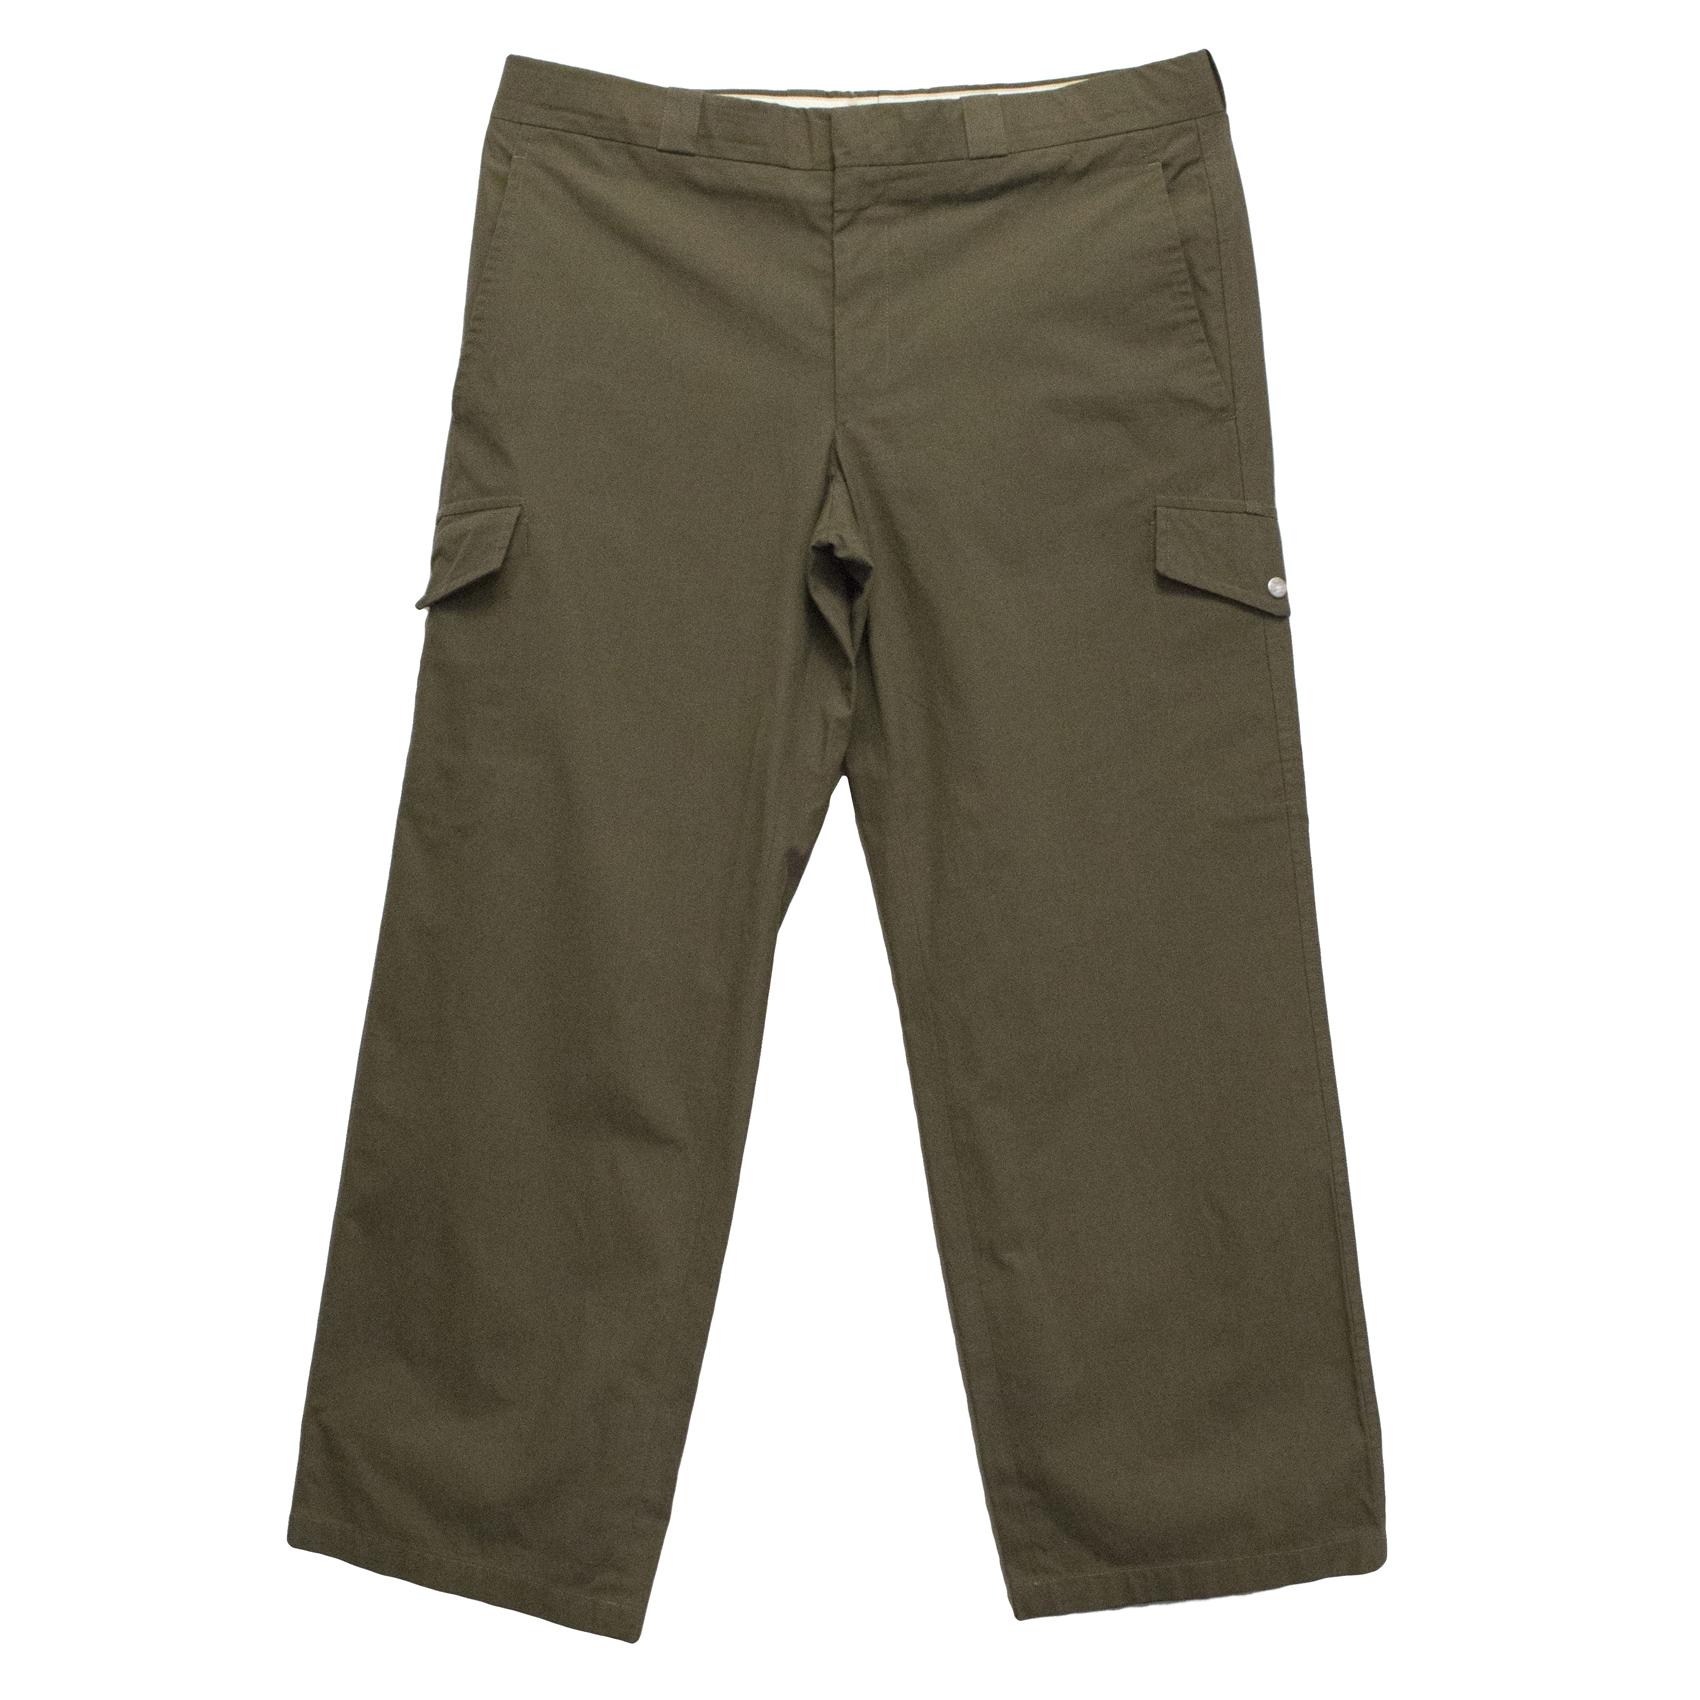 Hermes Mens Khaki Straight Leg Cargo Trousers